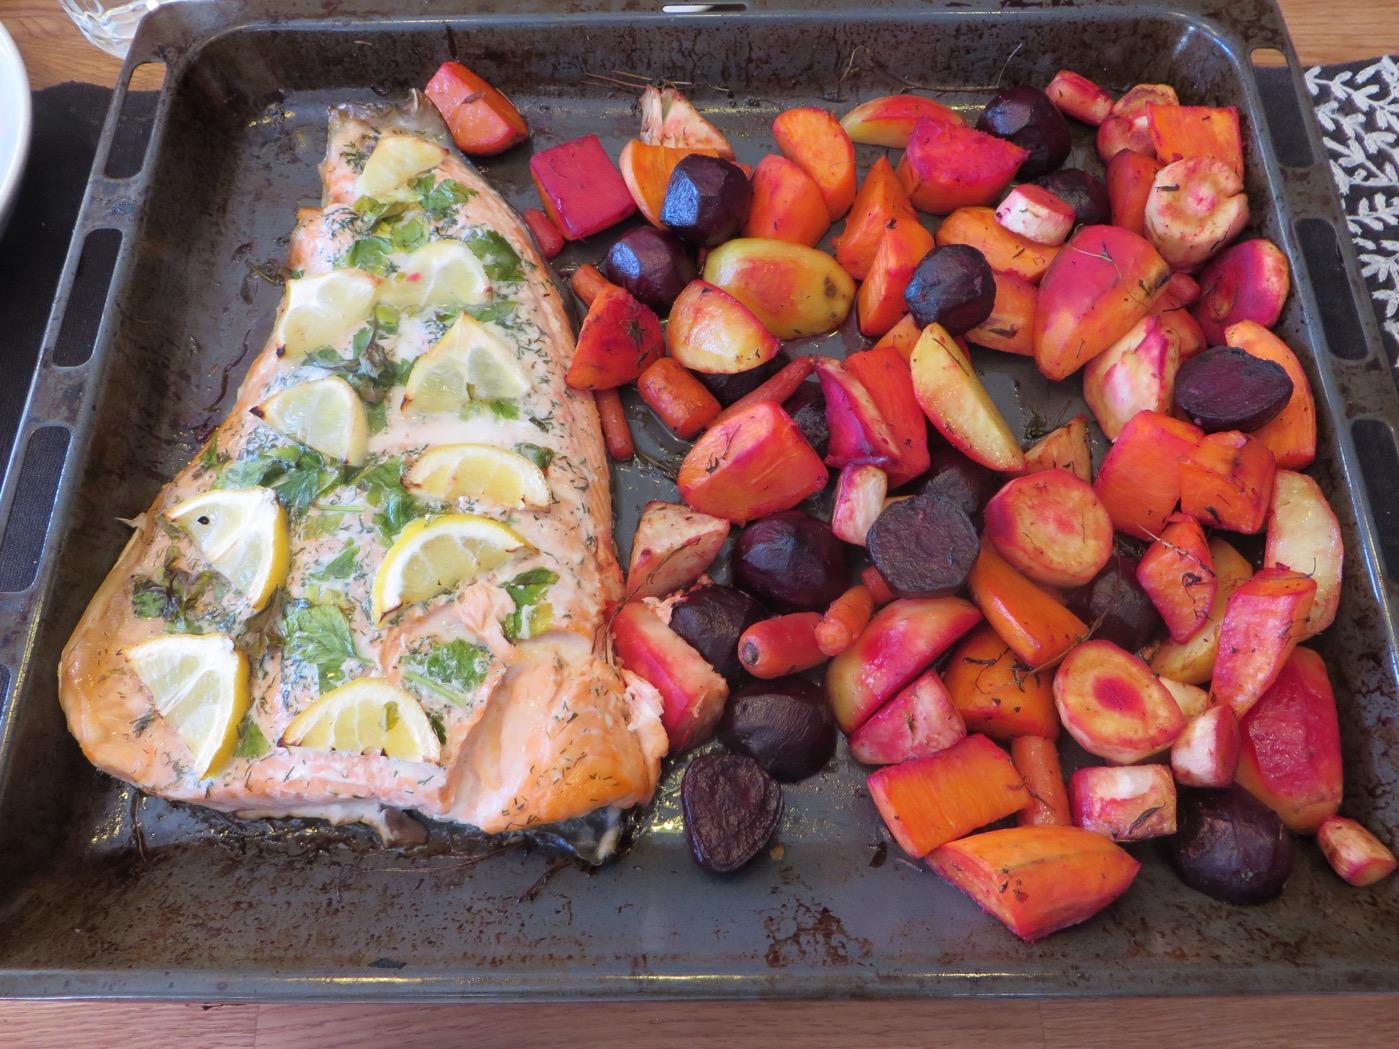 Lax och ugnsbakade grönsaker - Bekvämt med allt på en och samma plåt.